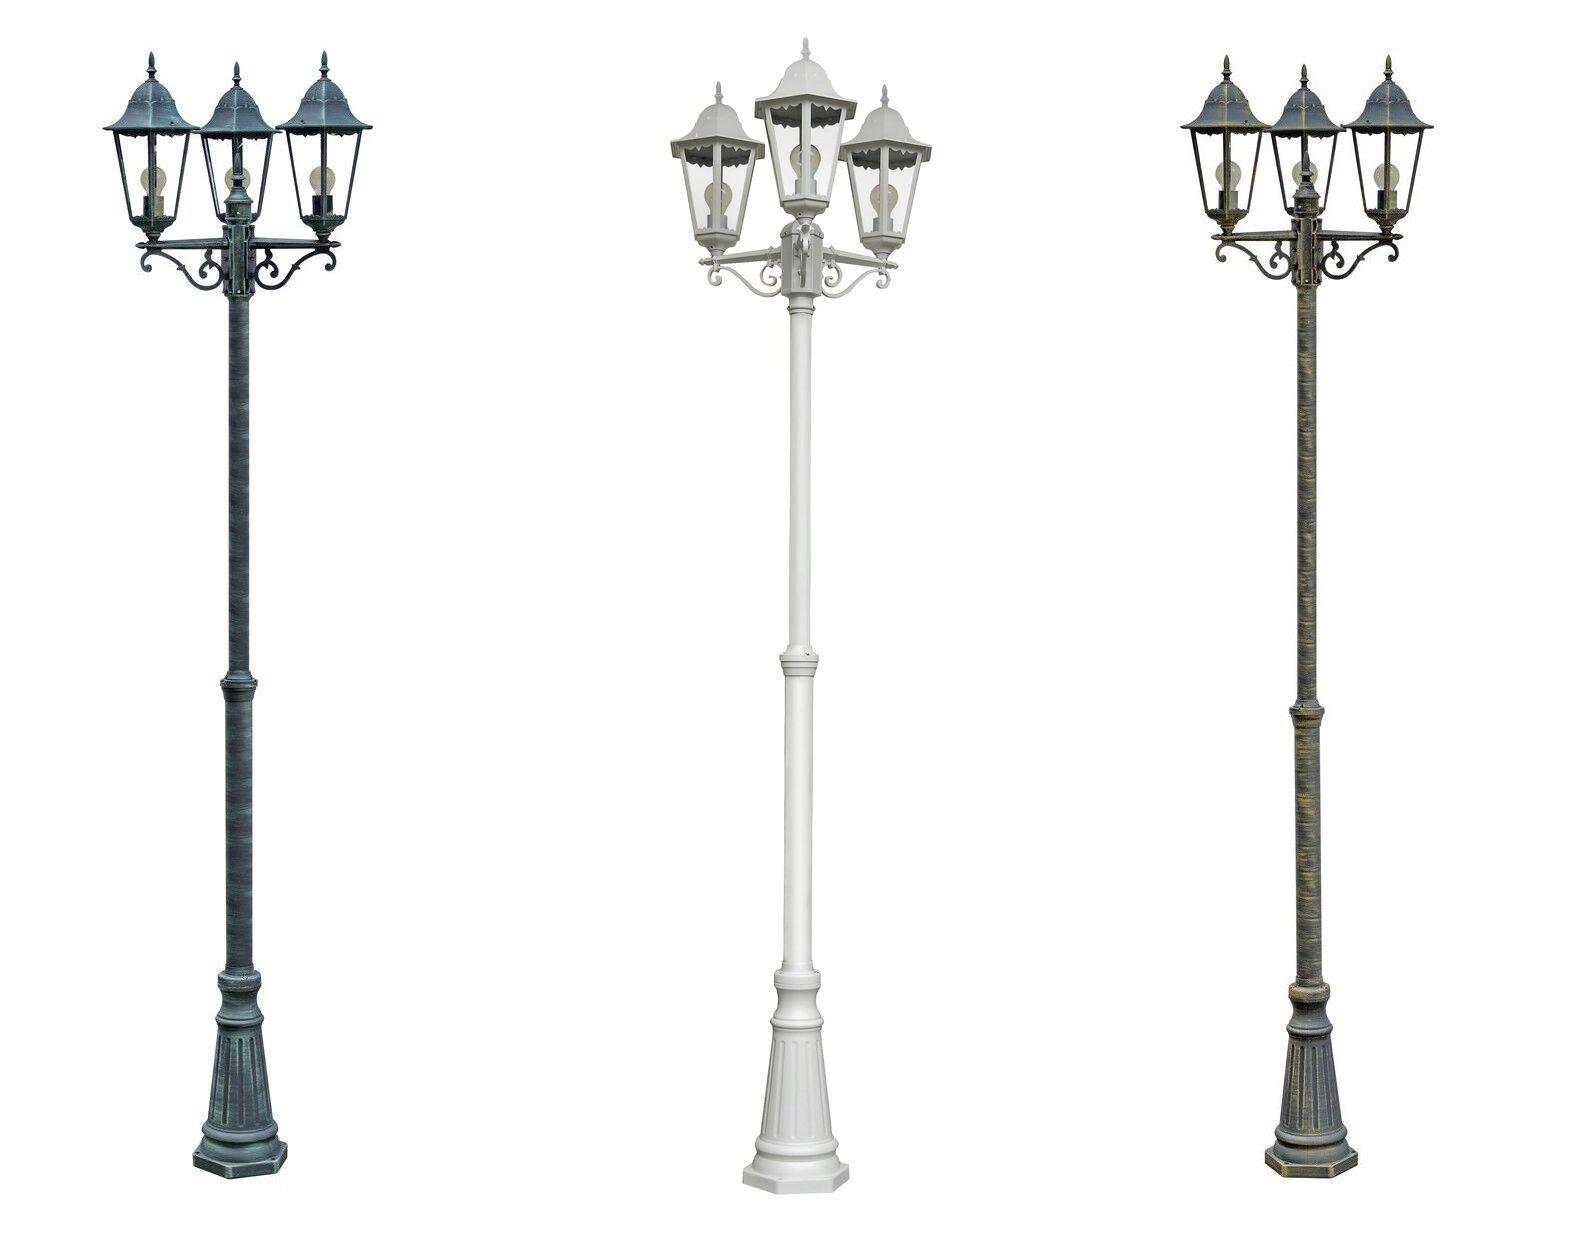 Candelabro Giardino Lampada Lanterna da giardino Lampada Stand Lampada Esterno Giardino In